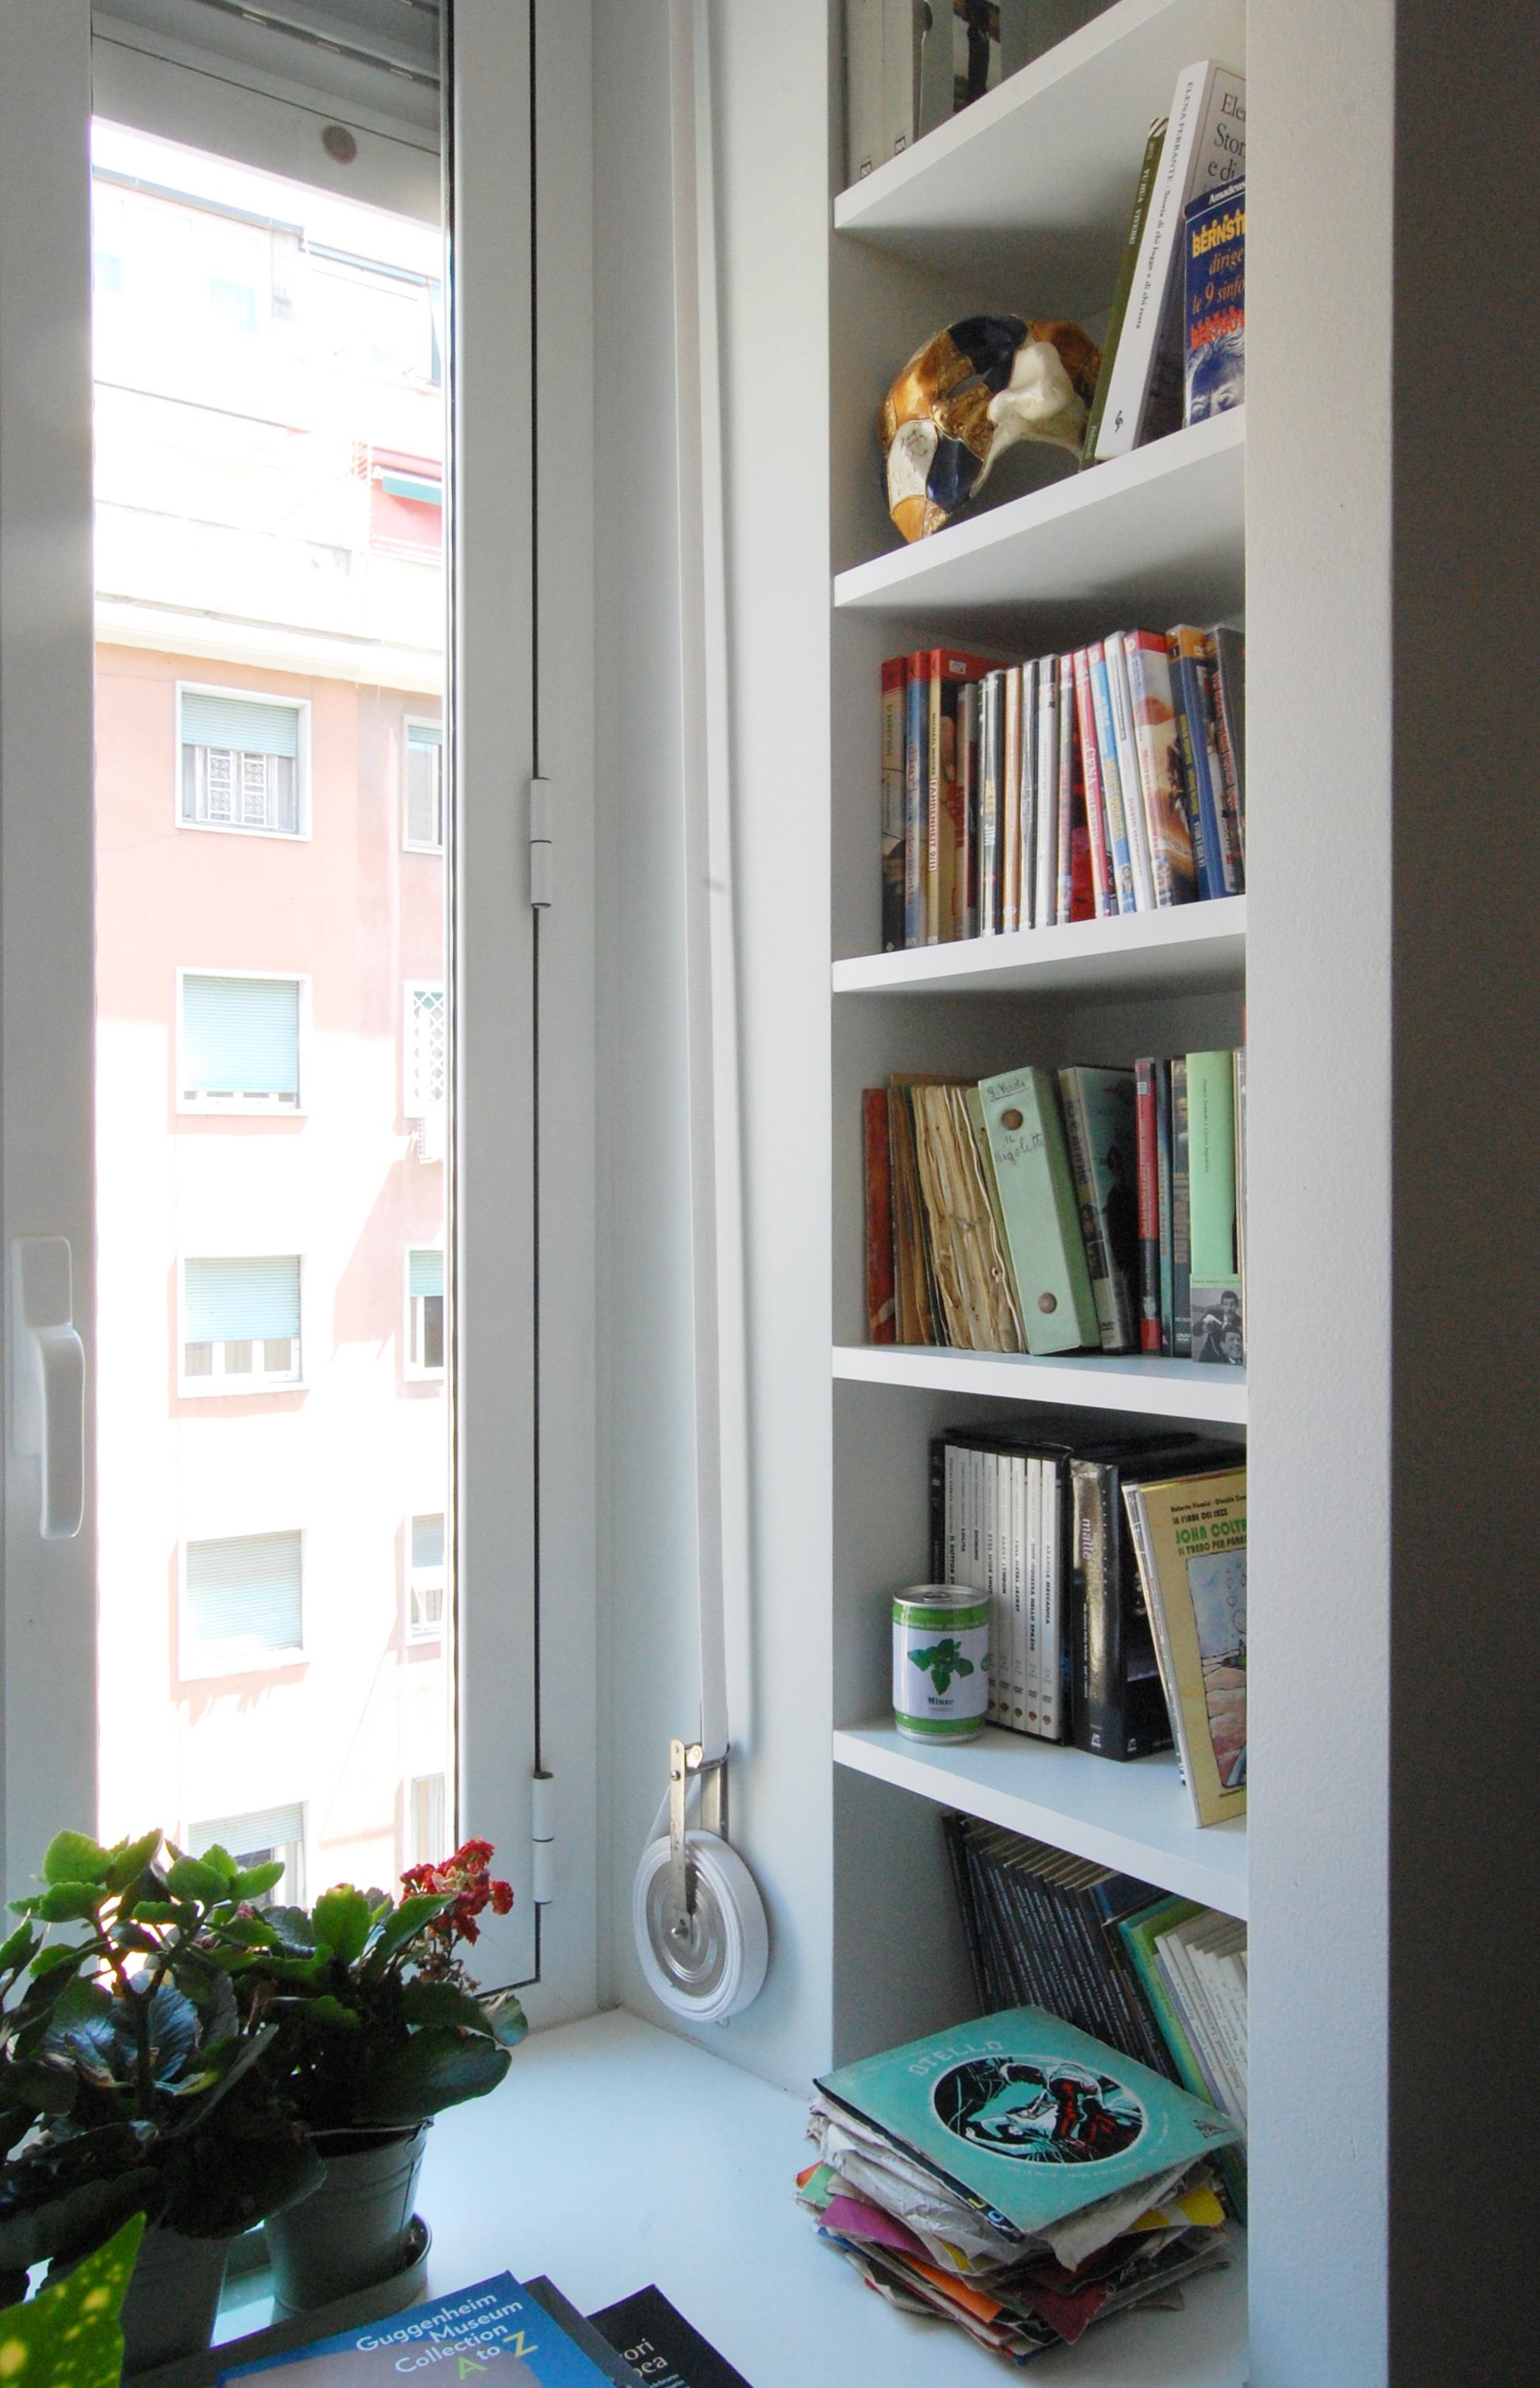 Libri e ricordi di viaggio animano una piccola libreria nella zona living, Ricavata accanto alla finestra, sfrutta una imperfezione nella geometria della muratura perimetrale.